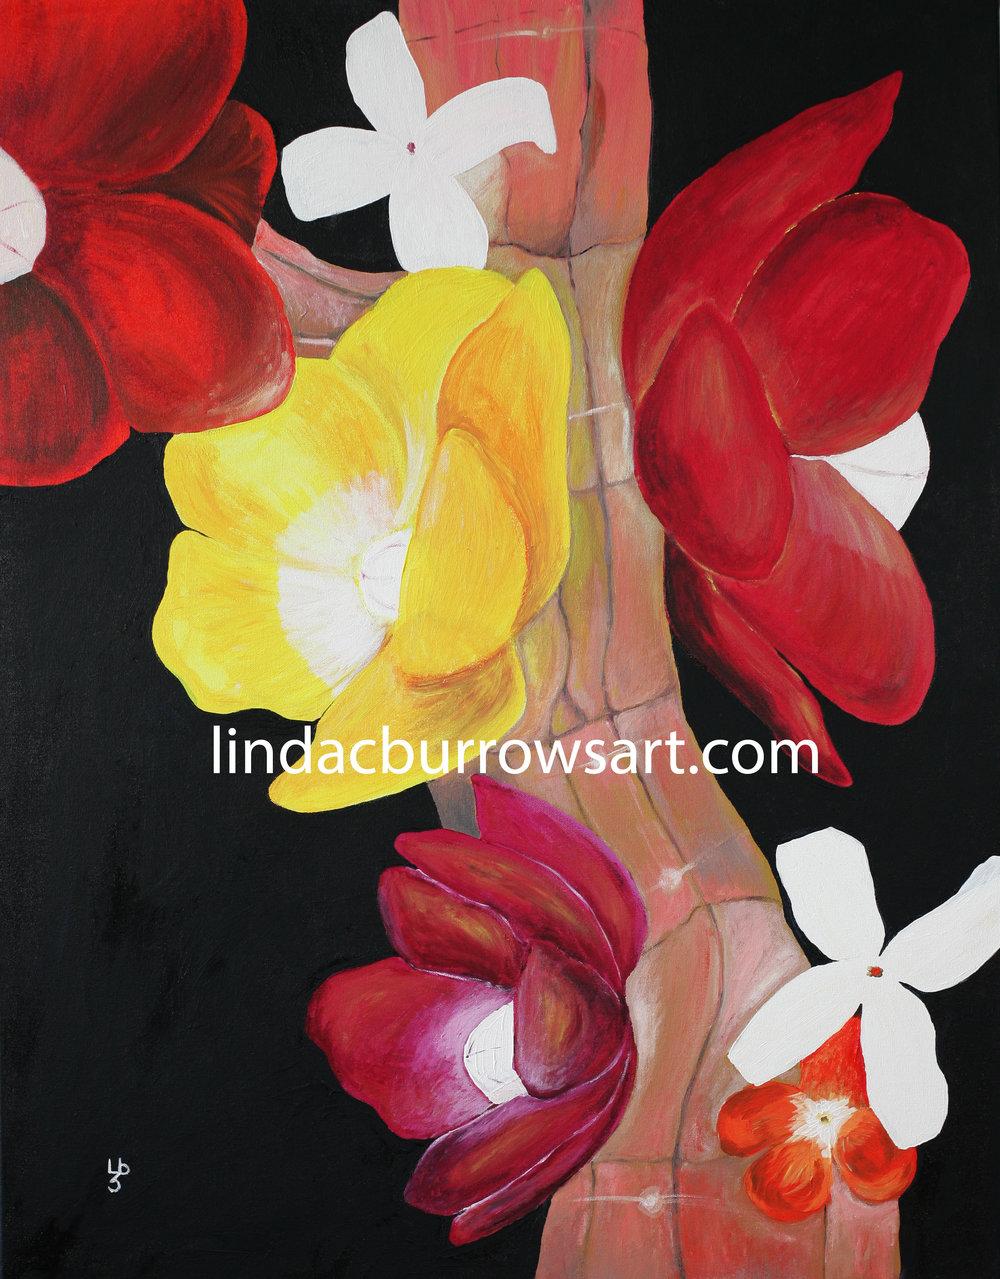 'Flower 3' 2017